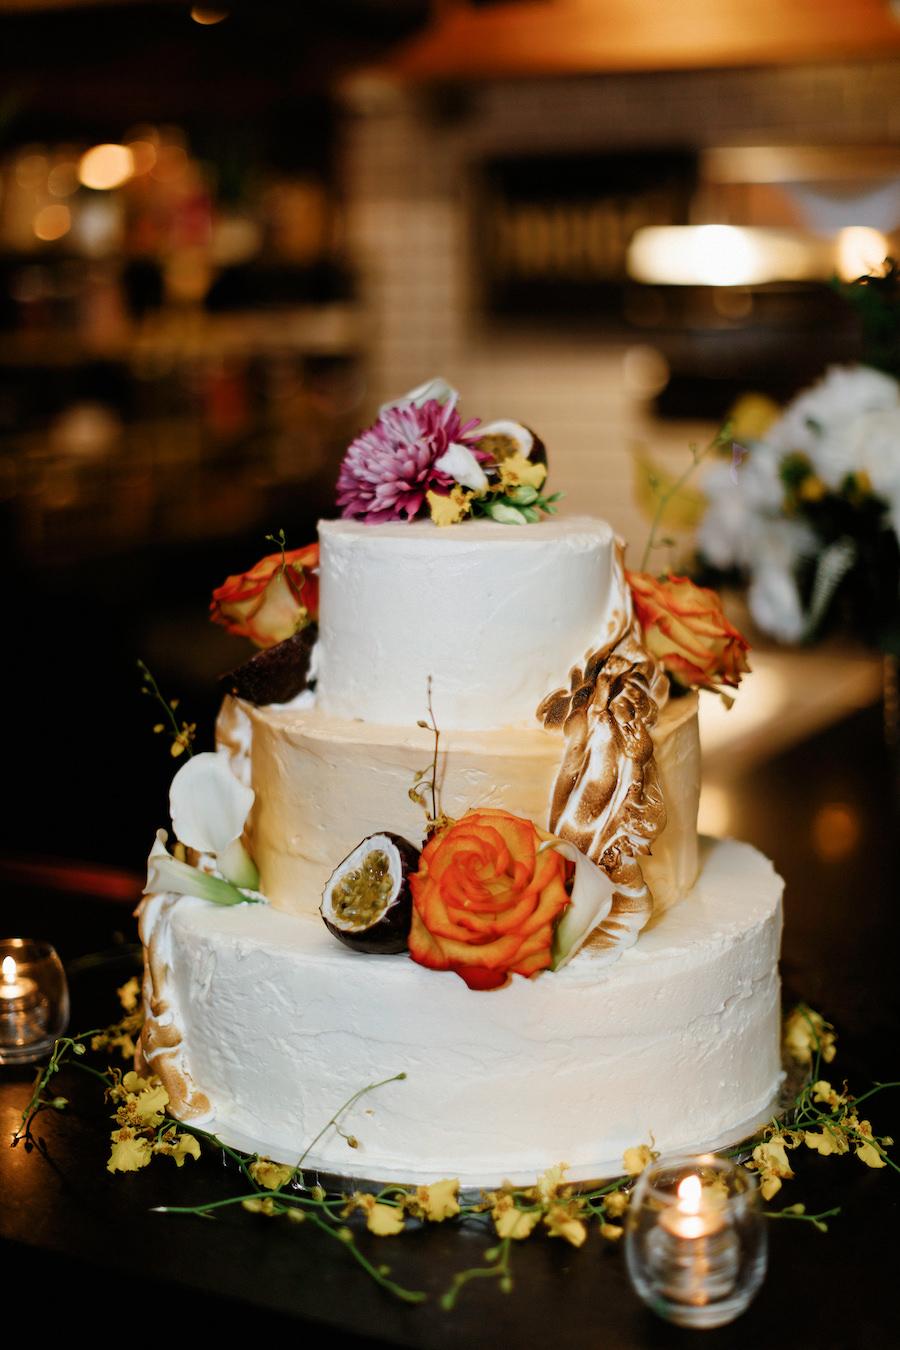 alden & harlow wedding